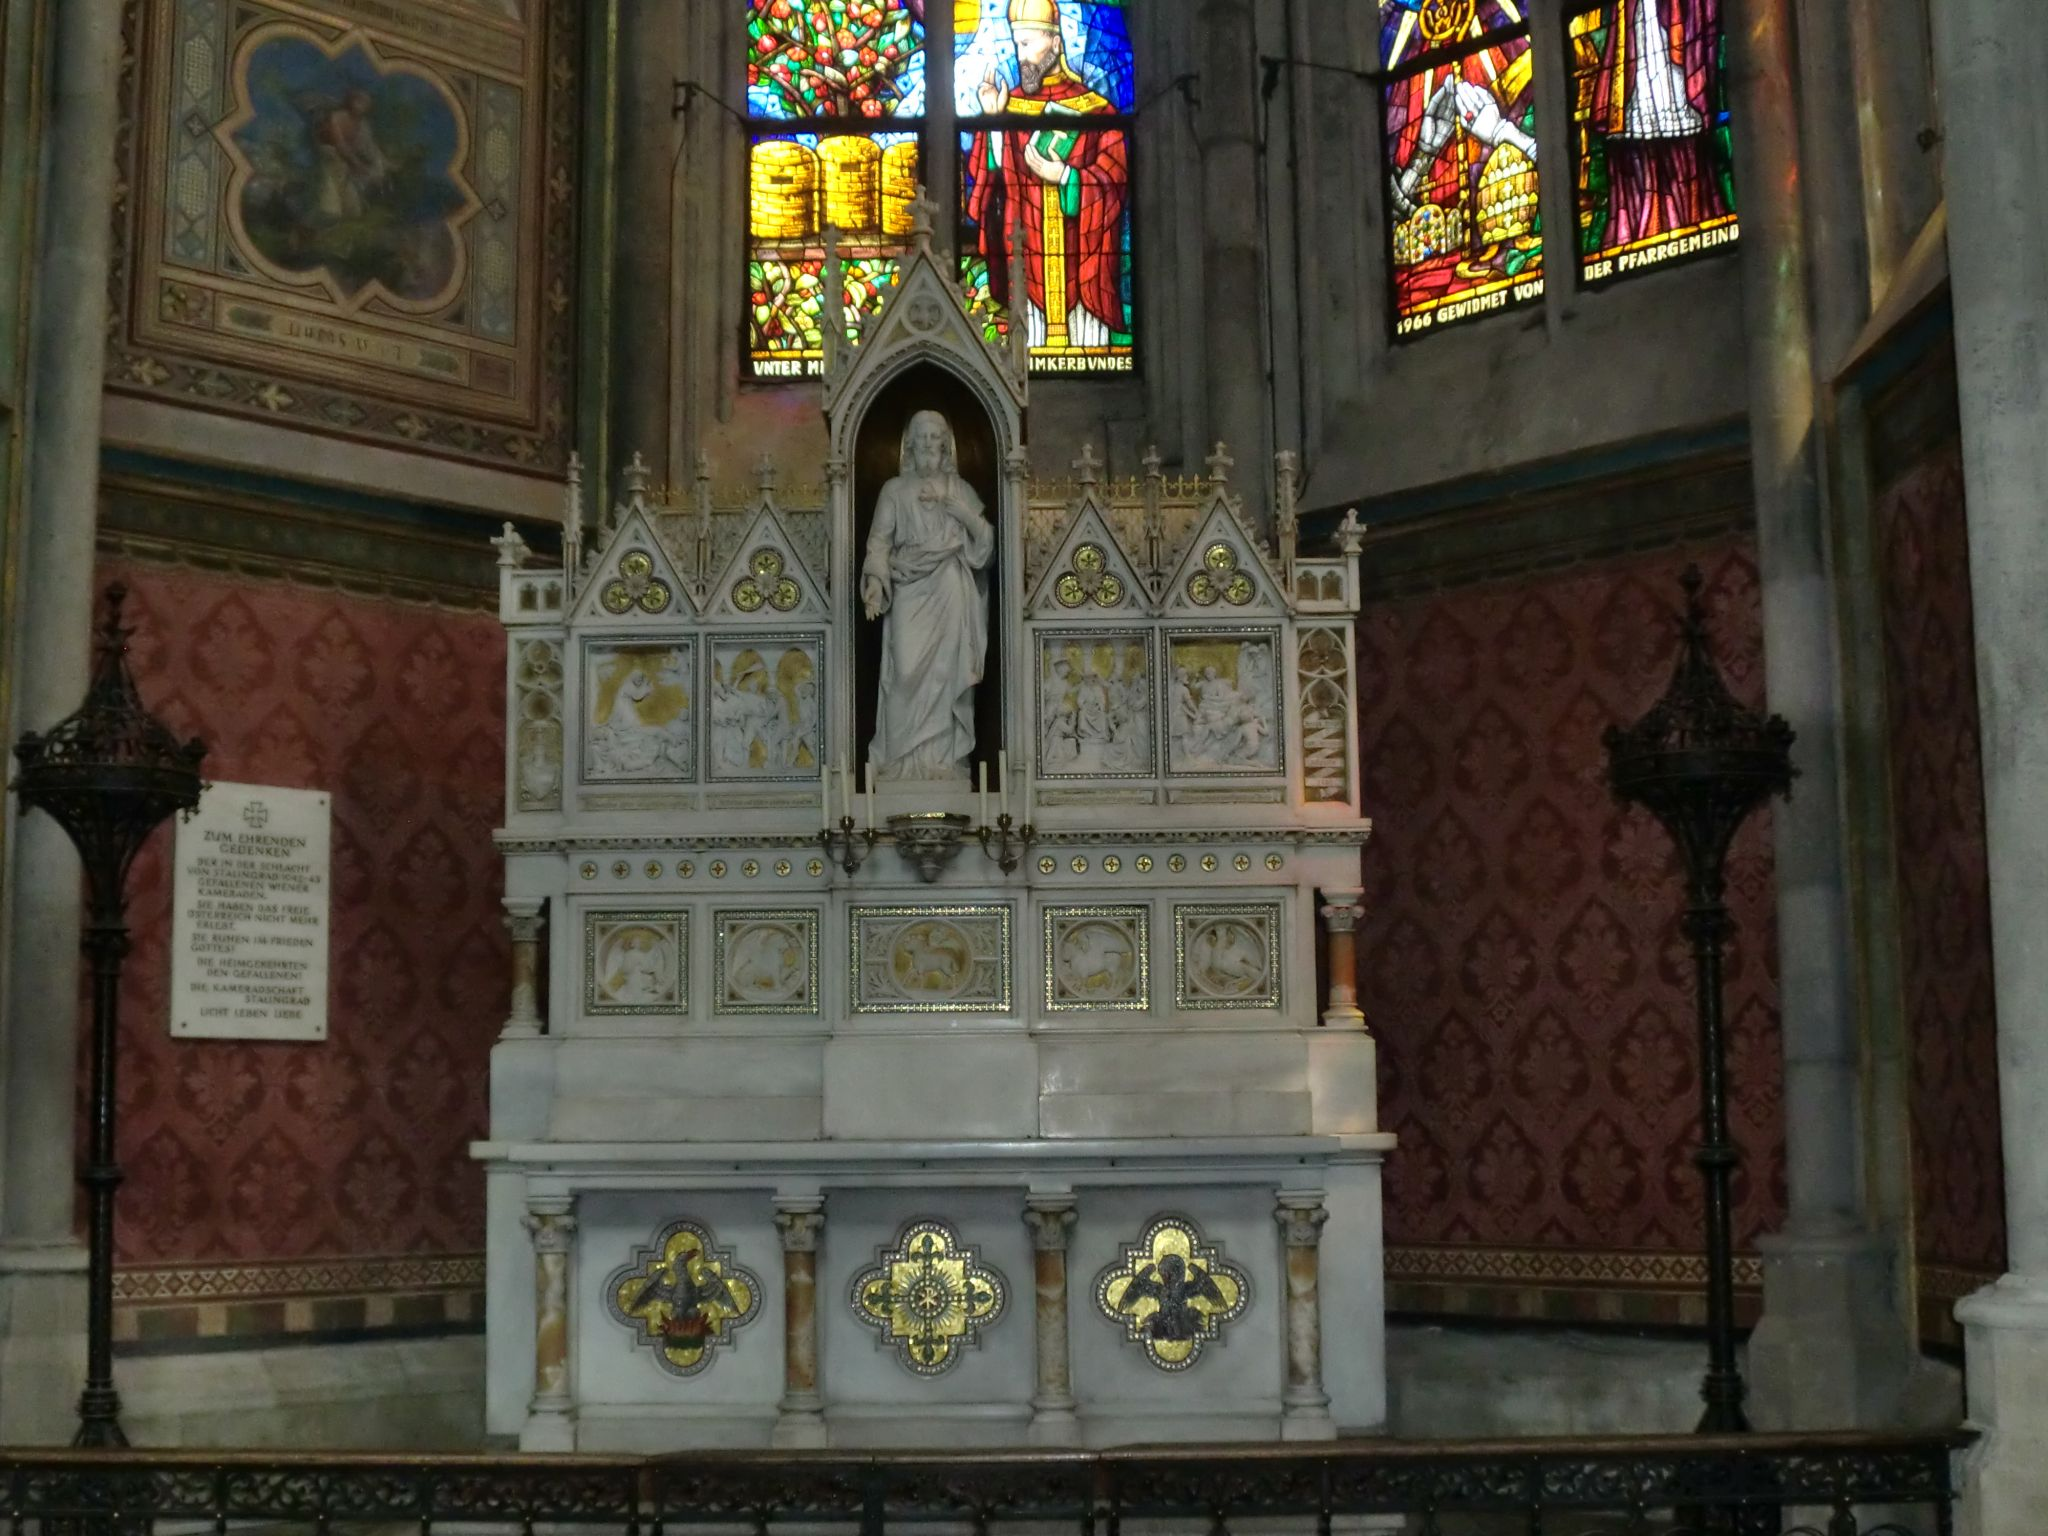 Vienna cathedral 11 1440x1080 - Vienna: elegant beauty